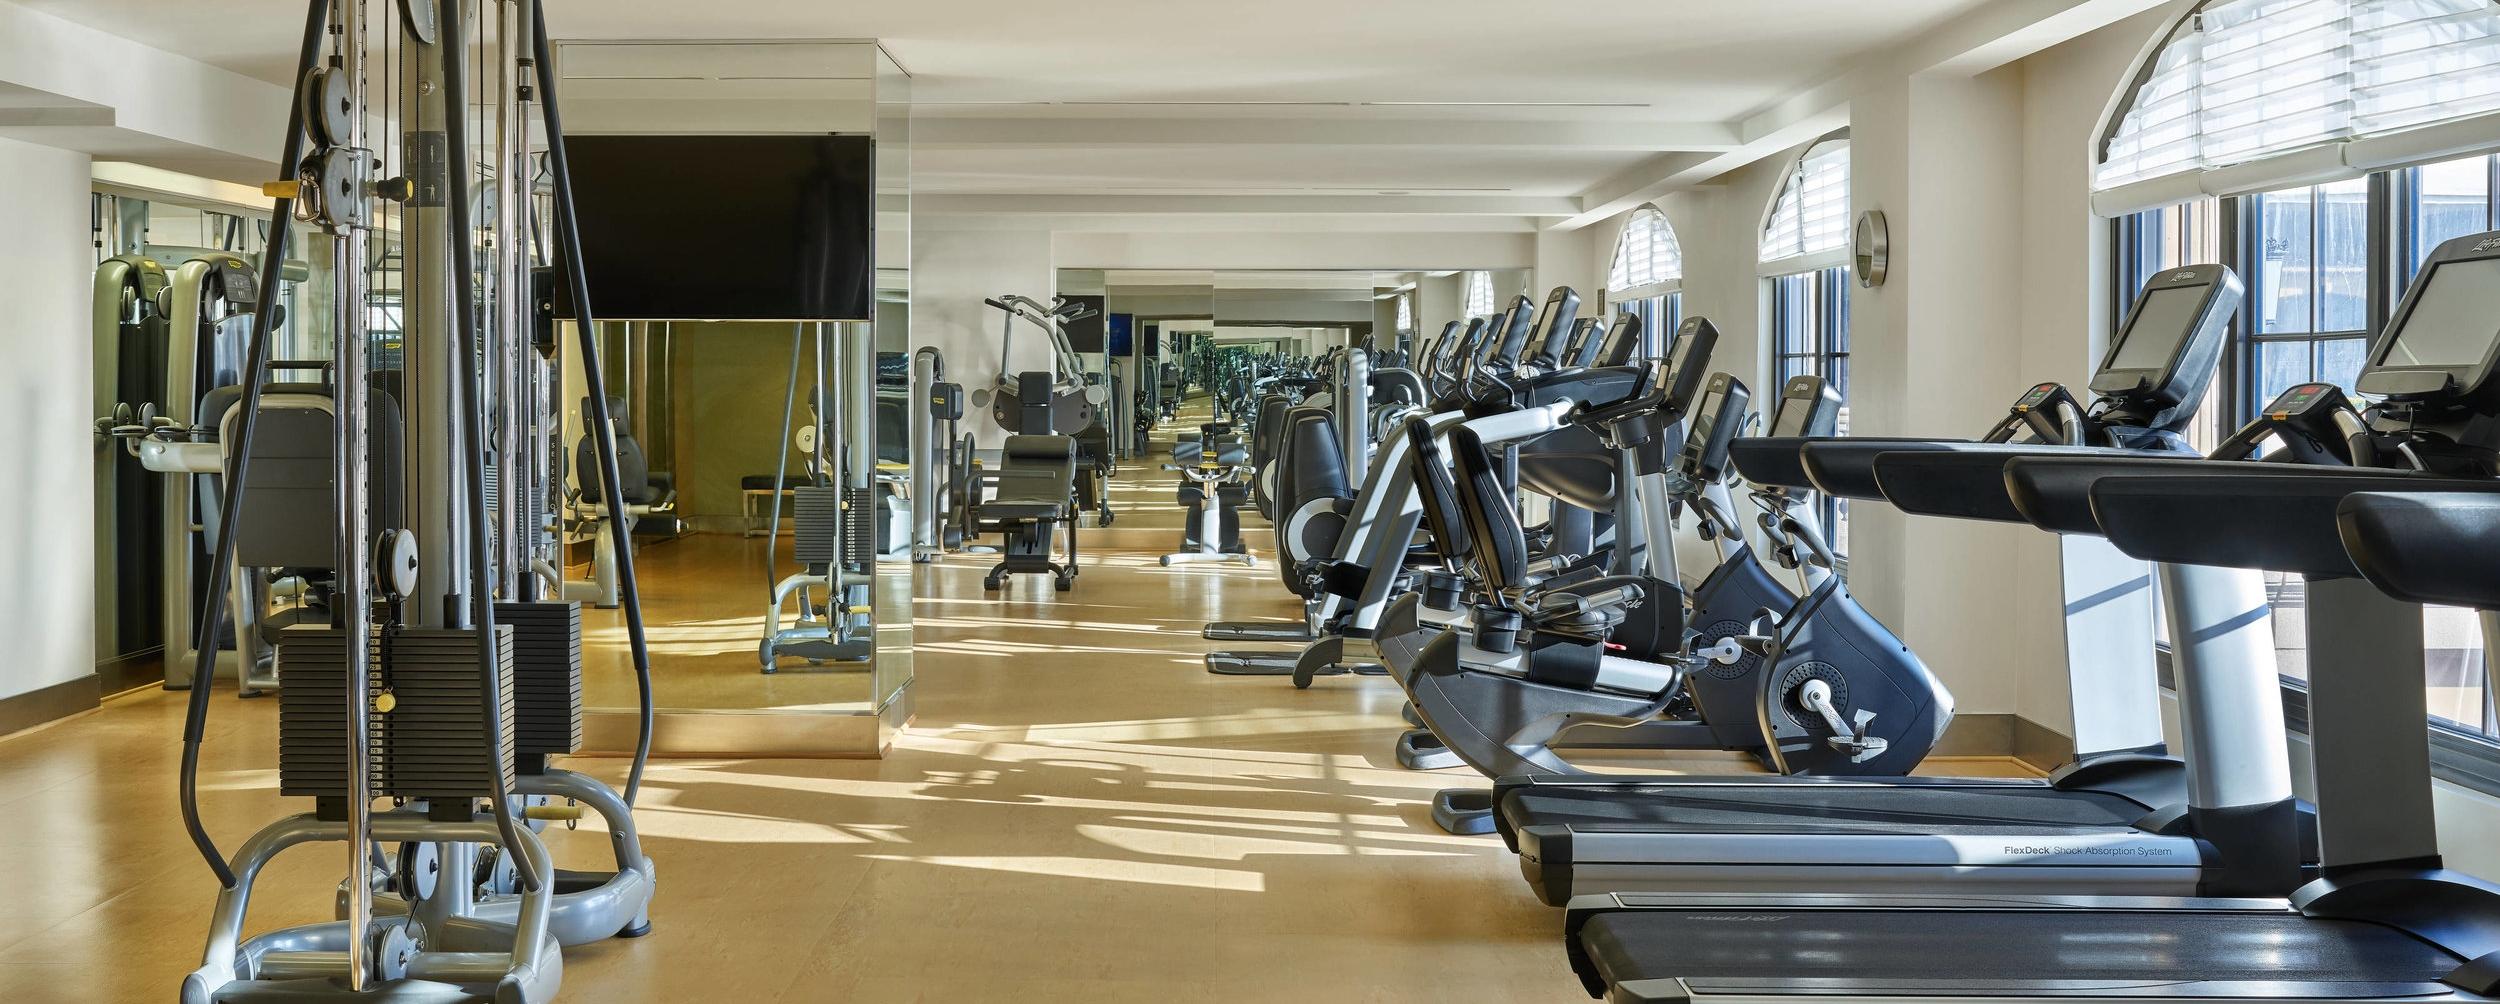 atlxr-fitness-center-4802-hor-clsc.jpg